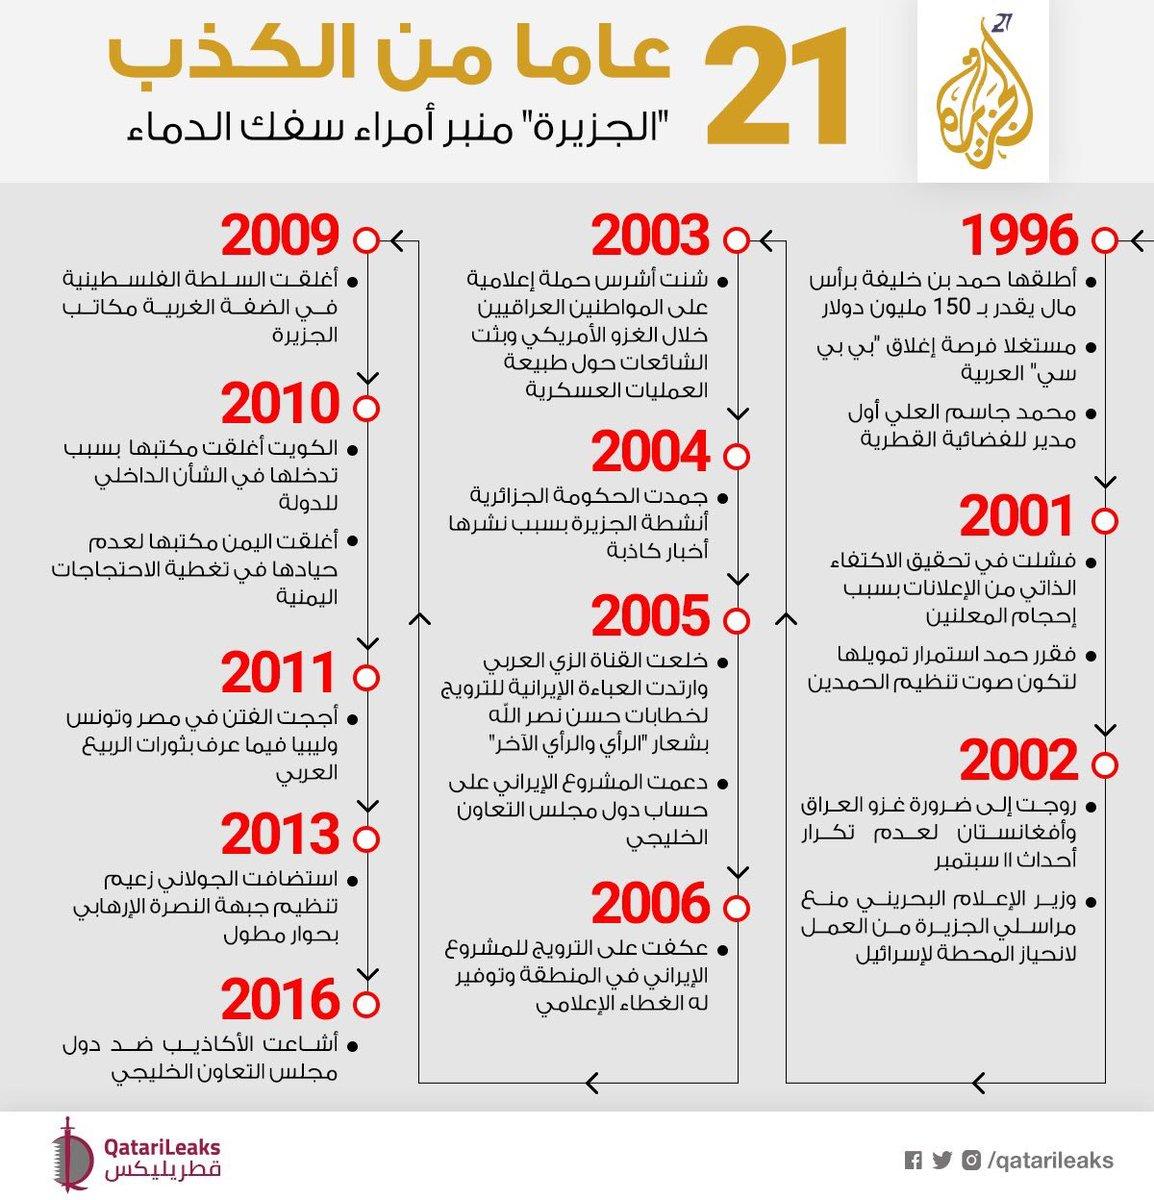 @AJArabic 21 سنة عهر: سيرة الجزيرة الذات...